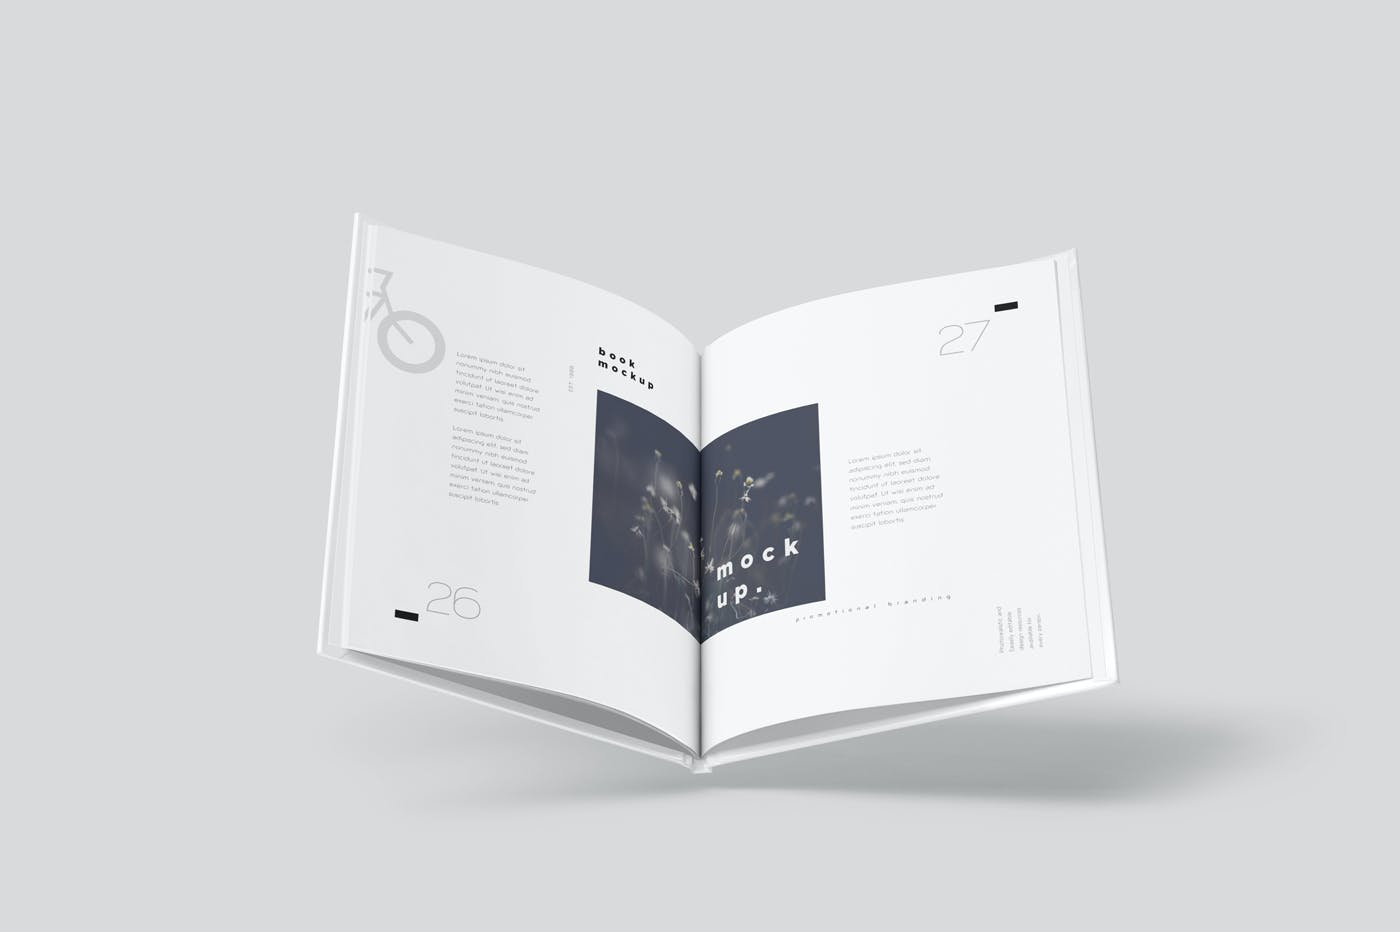 6款悬浮精装书画册设计展示贴图样机模板 Floating Hardcover Book Mockups插图3